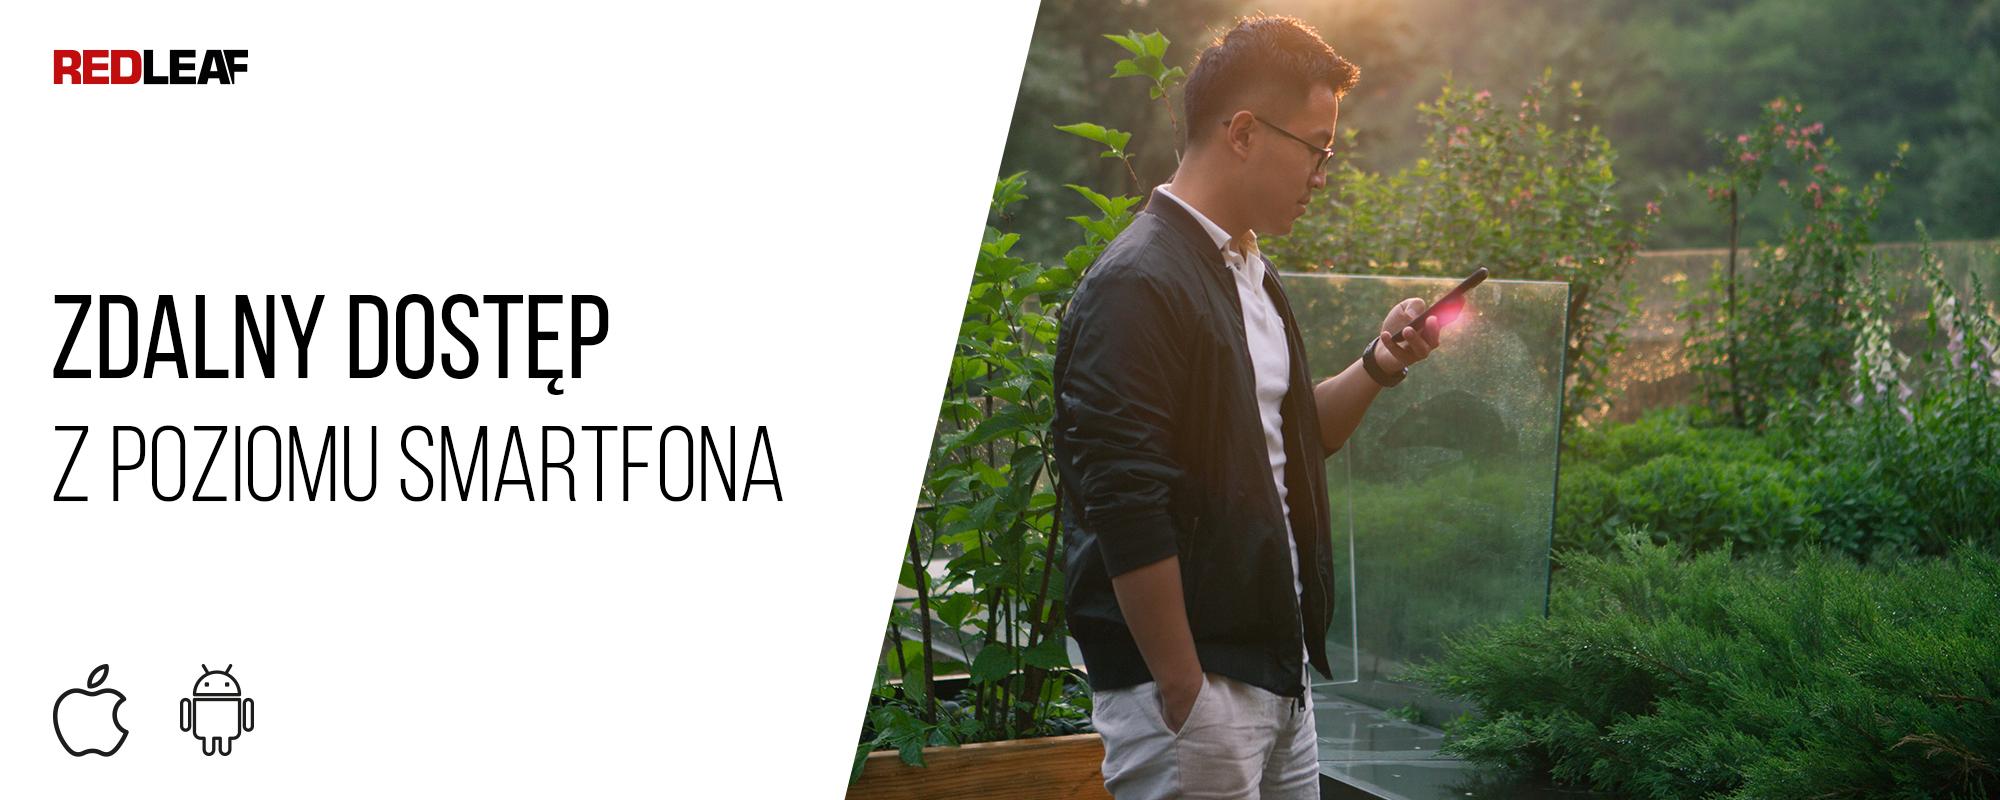 Kamera obserwacyjna z panelem słonecznym Redleaf RD7000 WiFi oraz mężczyzna patrzący na ekran smartfona